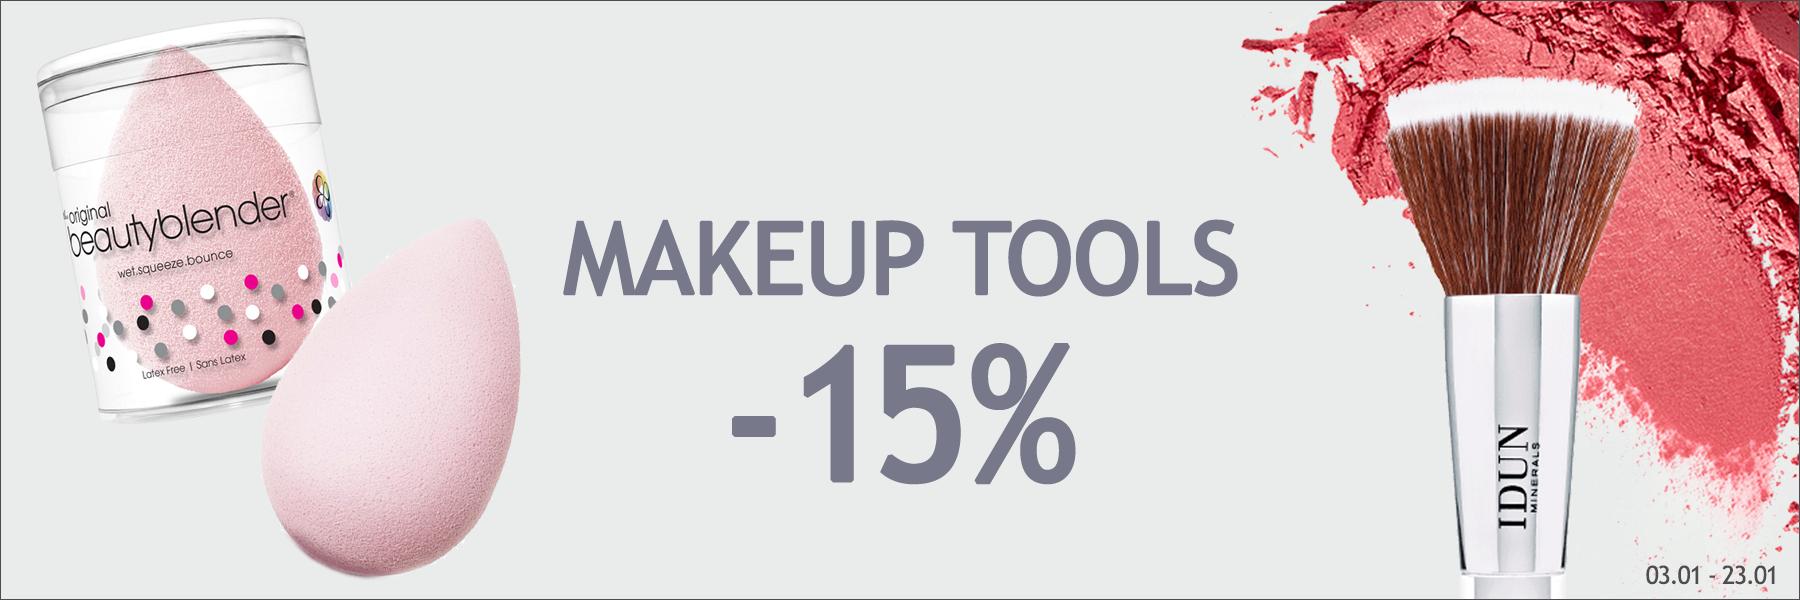 Makeup Tools -15%